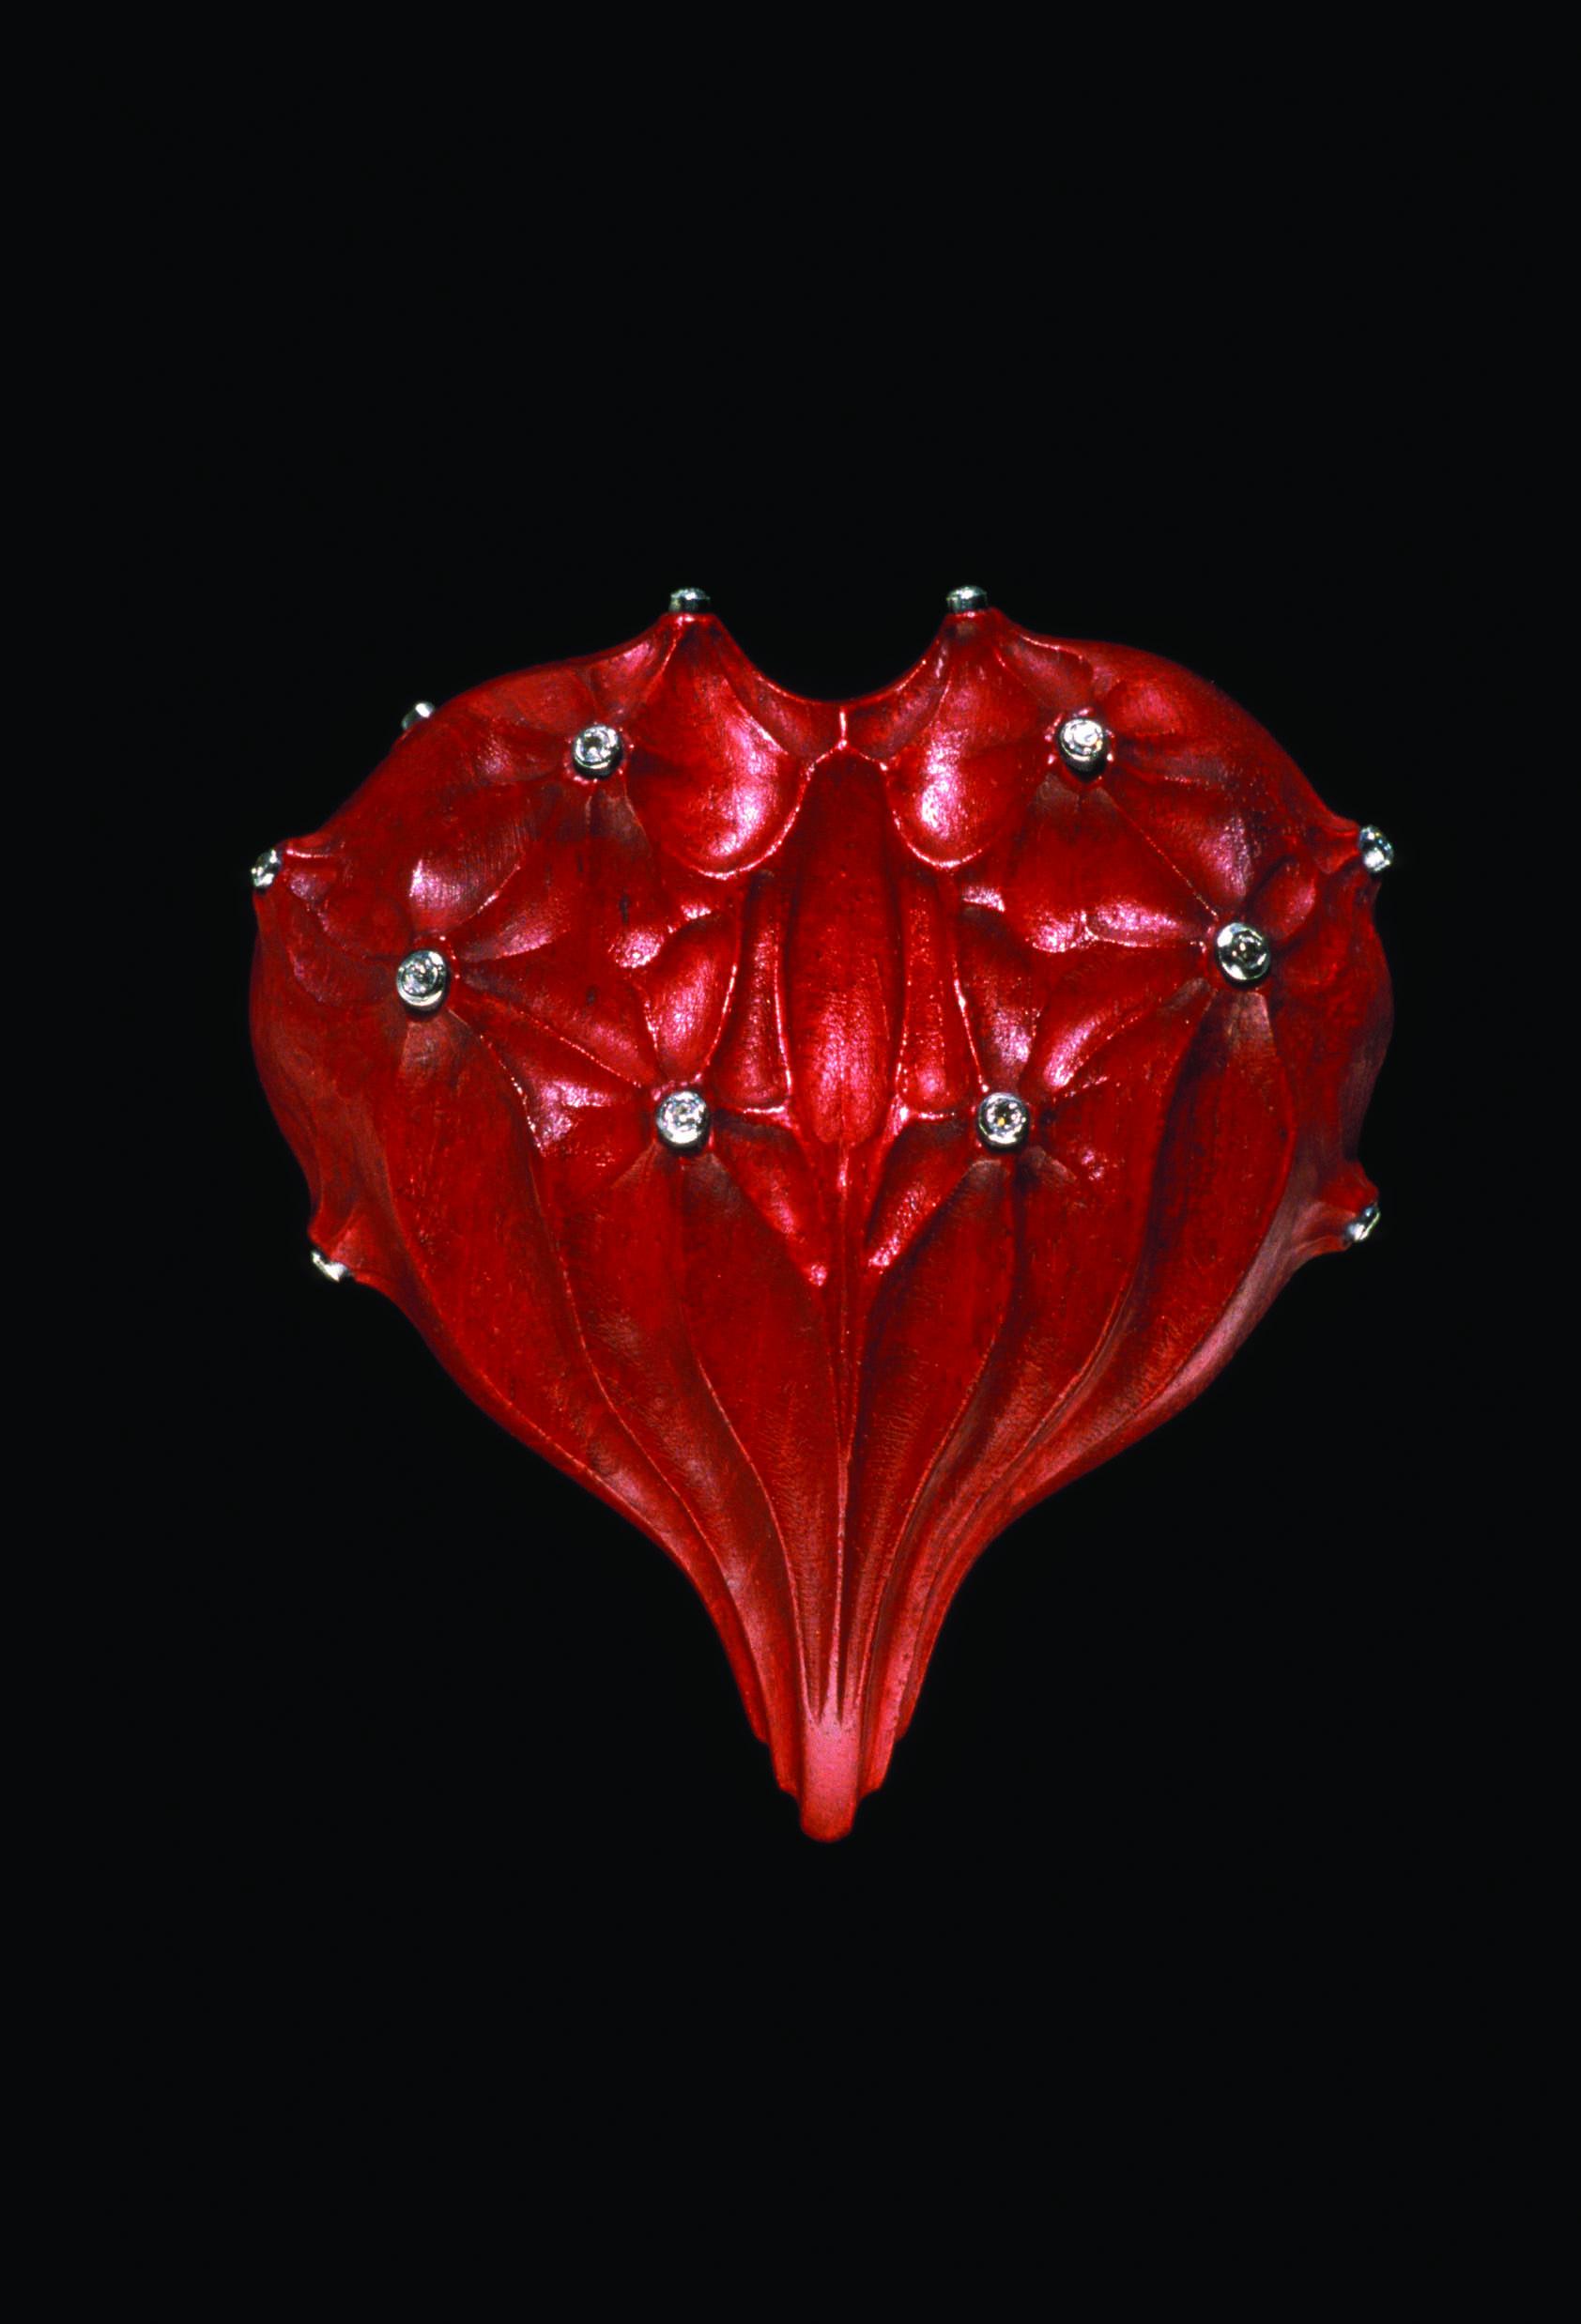 Commemorative Medal for a Bleeding Heart 2000 cmyk copy.jpg